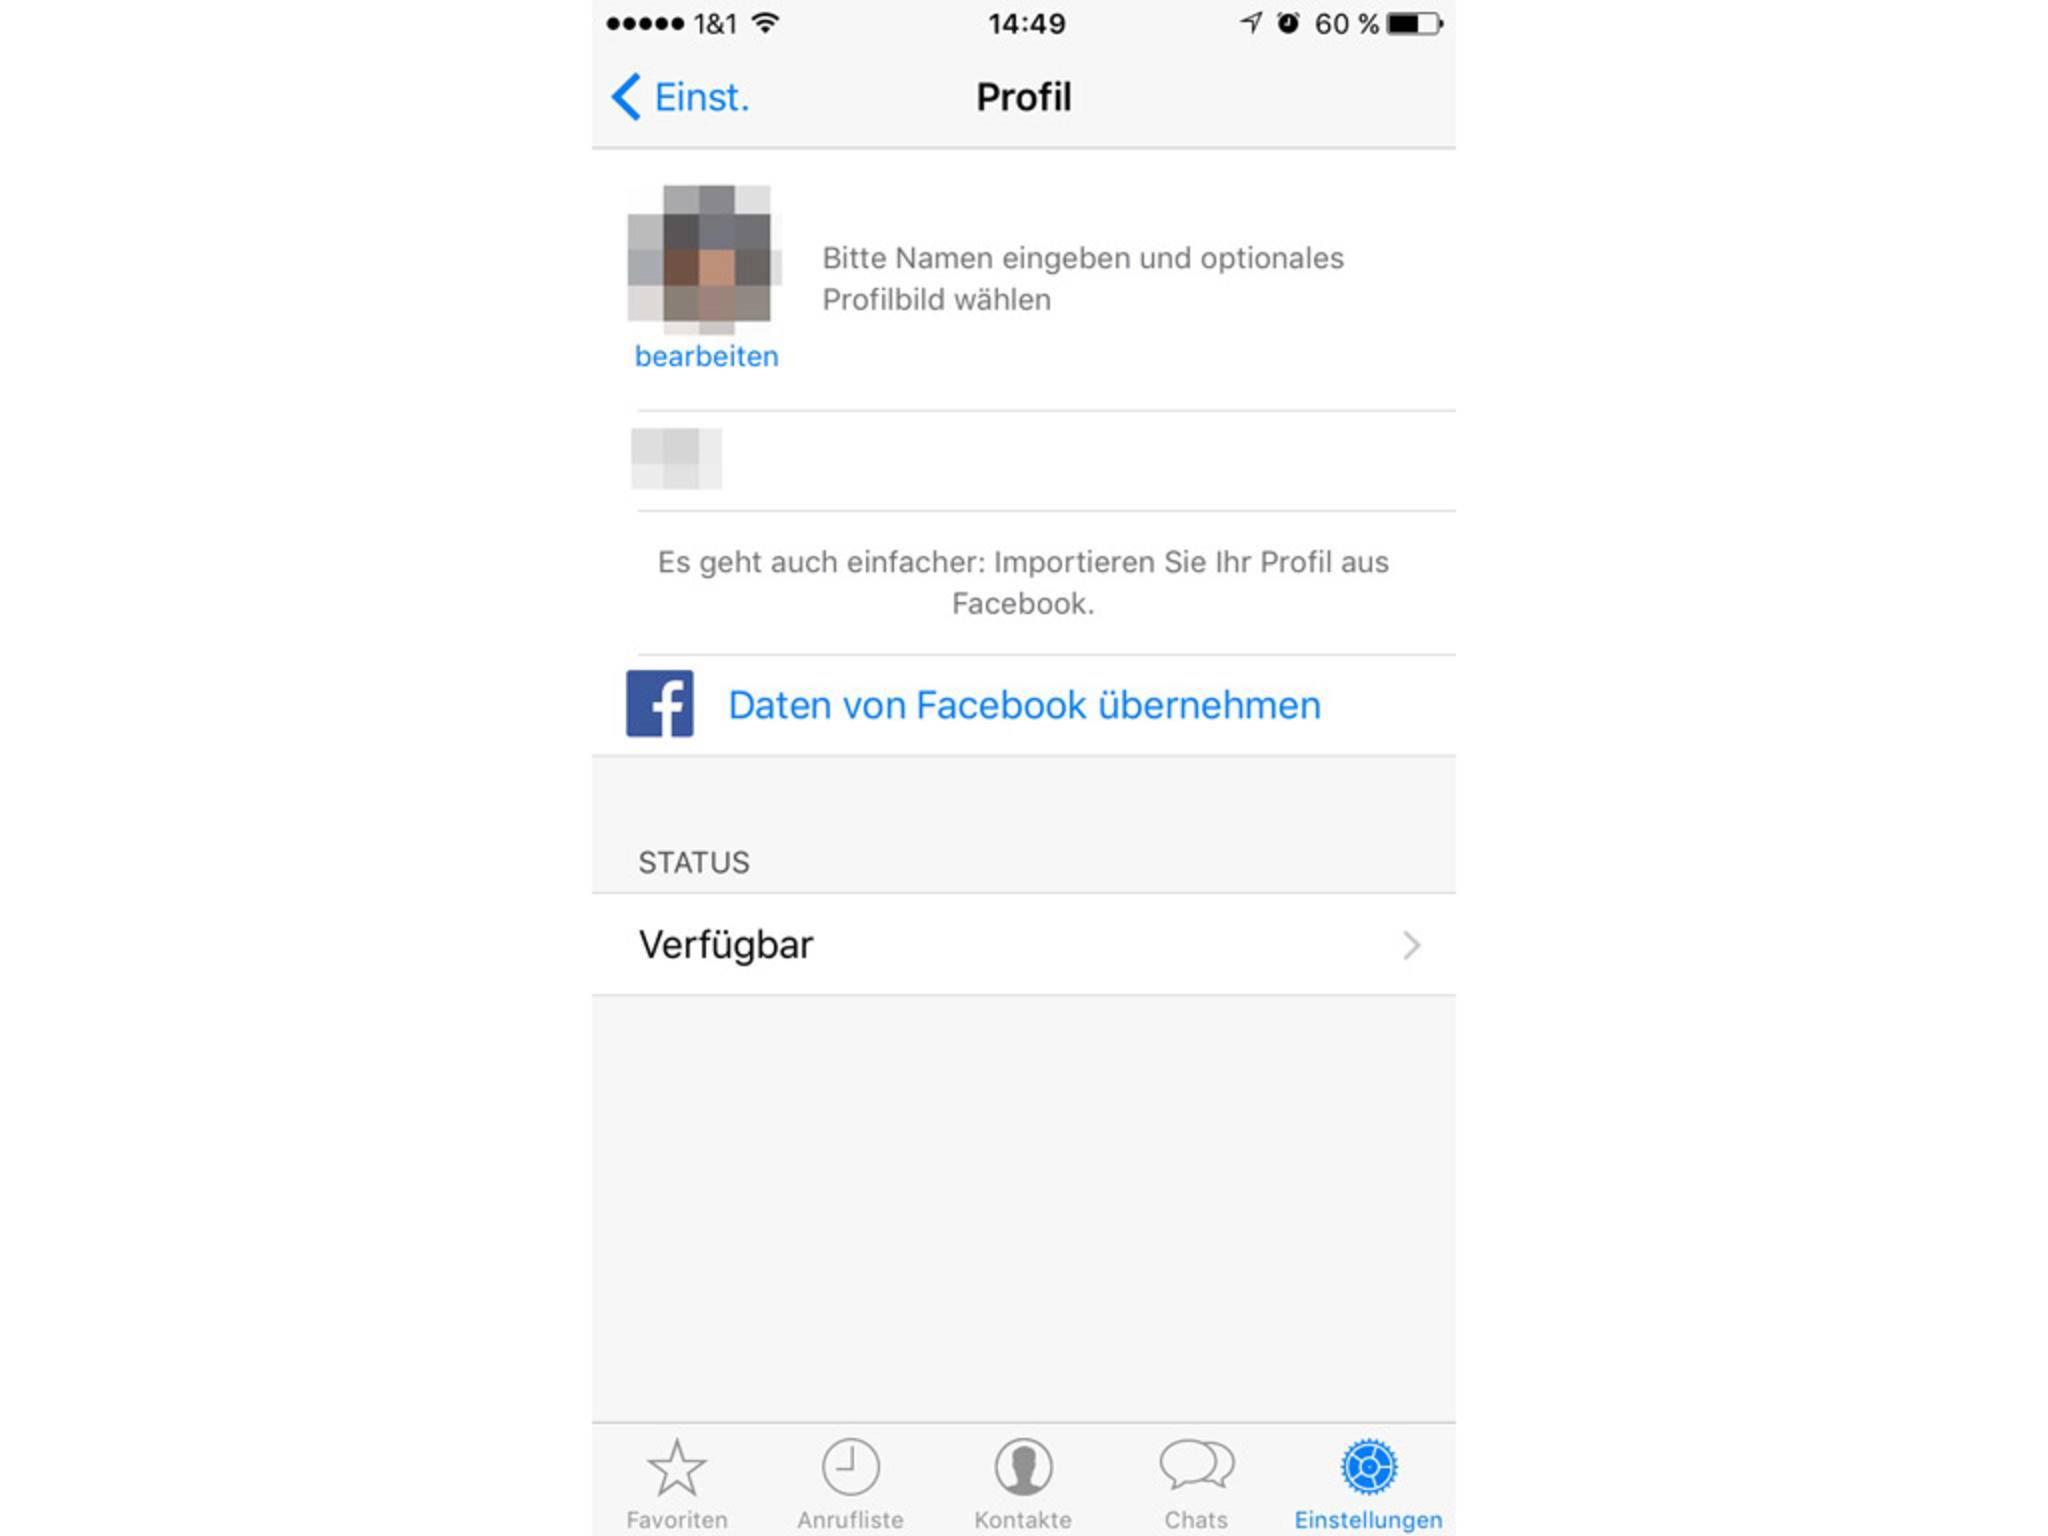 In den Profileinstellungen kann die Facebook-Synchronisation aktiviert werden.